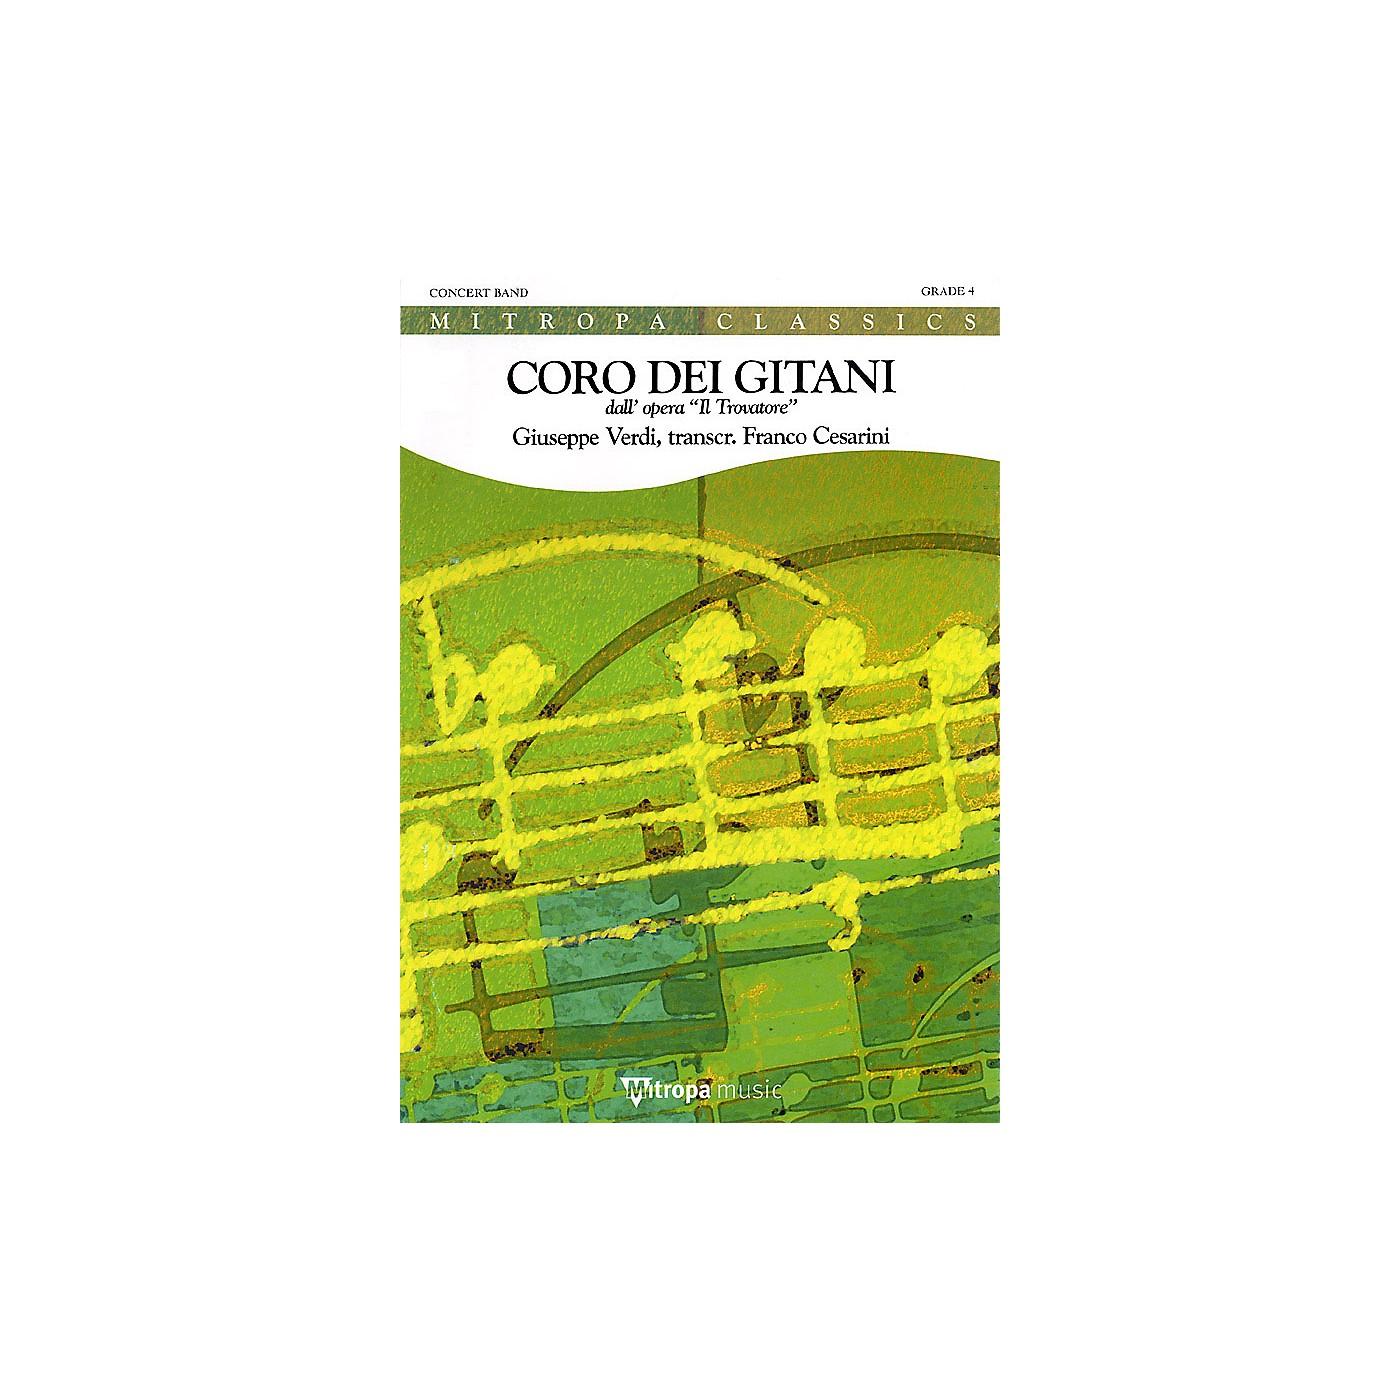 Hal Leonard Il Trovatore Coro Dei Gitani - Atto Ii Sc Only Grade 3 Concert Band thumbnail